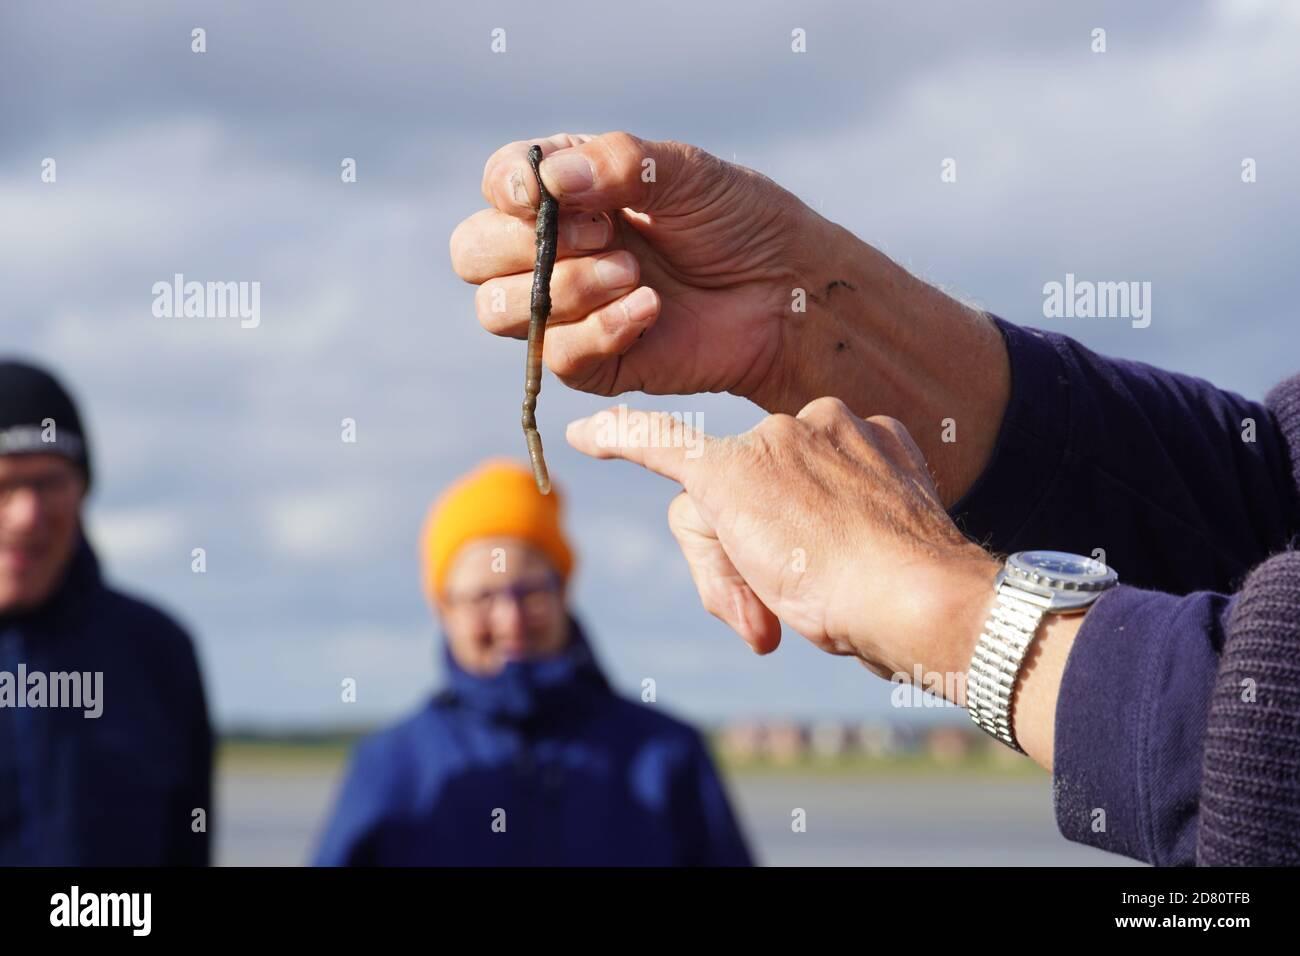 Lugworm dans les Mud Flats. Photo de haute qualité Banque D'Images